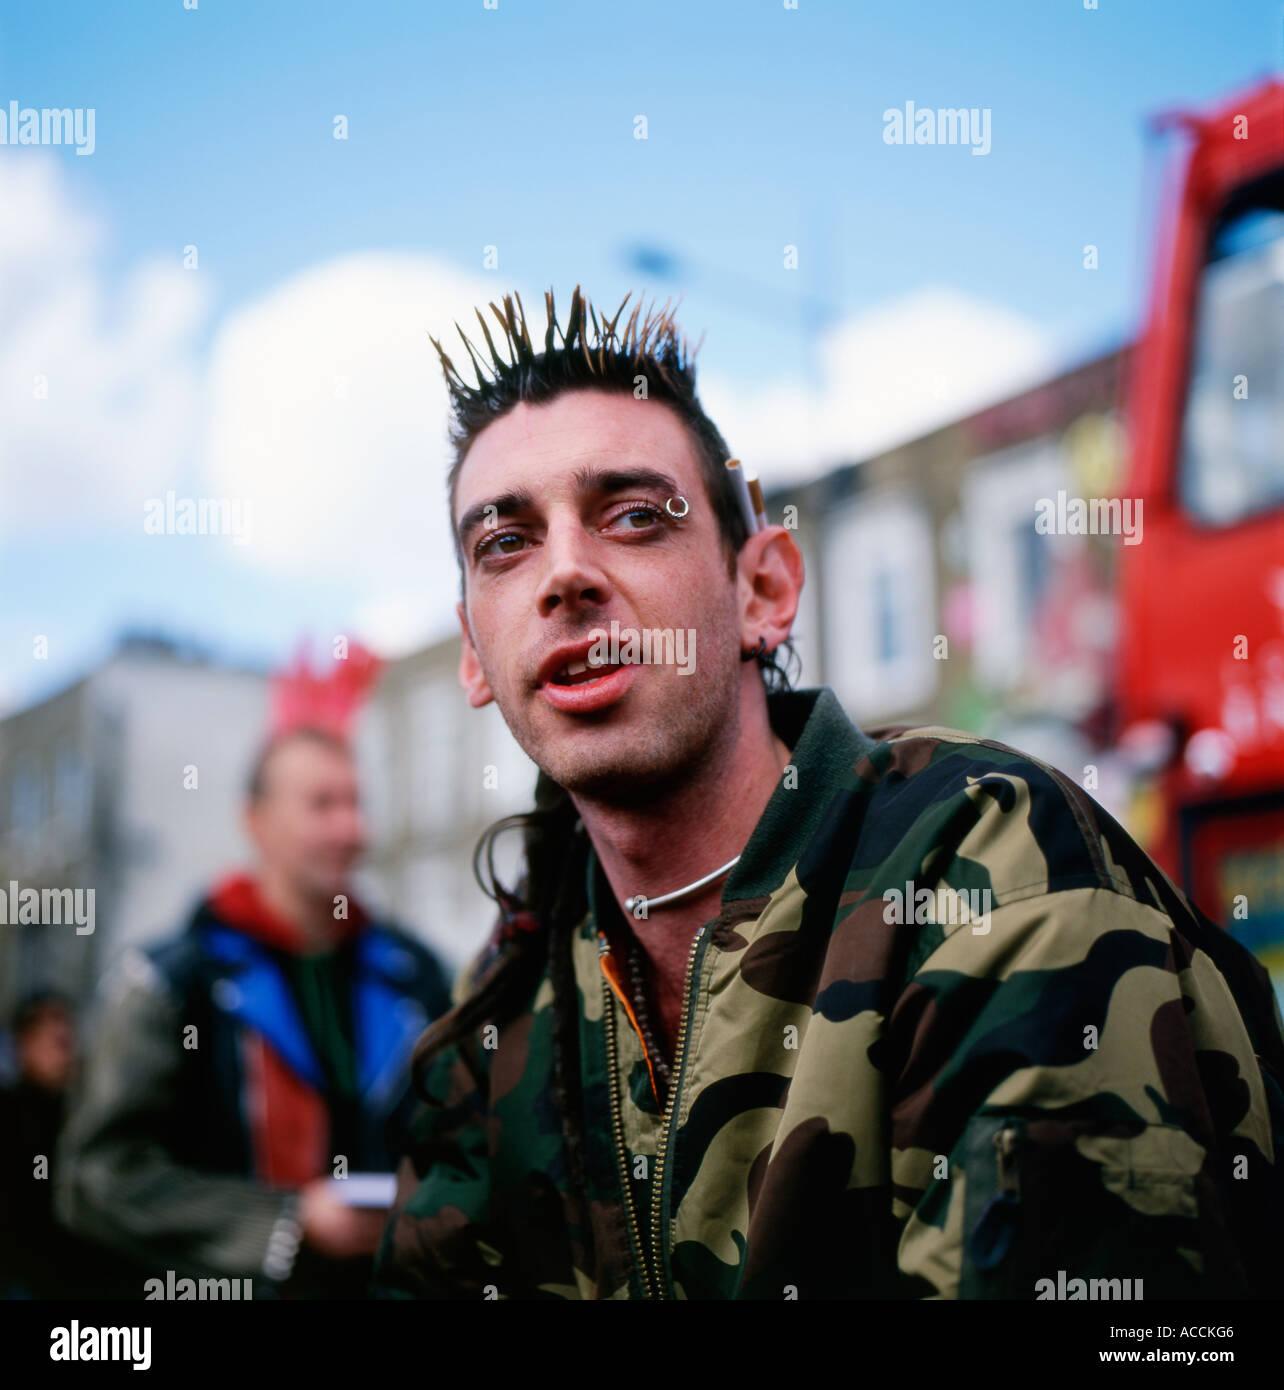 Punk men at Camden Lock London England UK - Stock Image